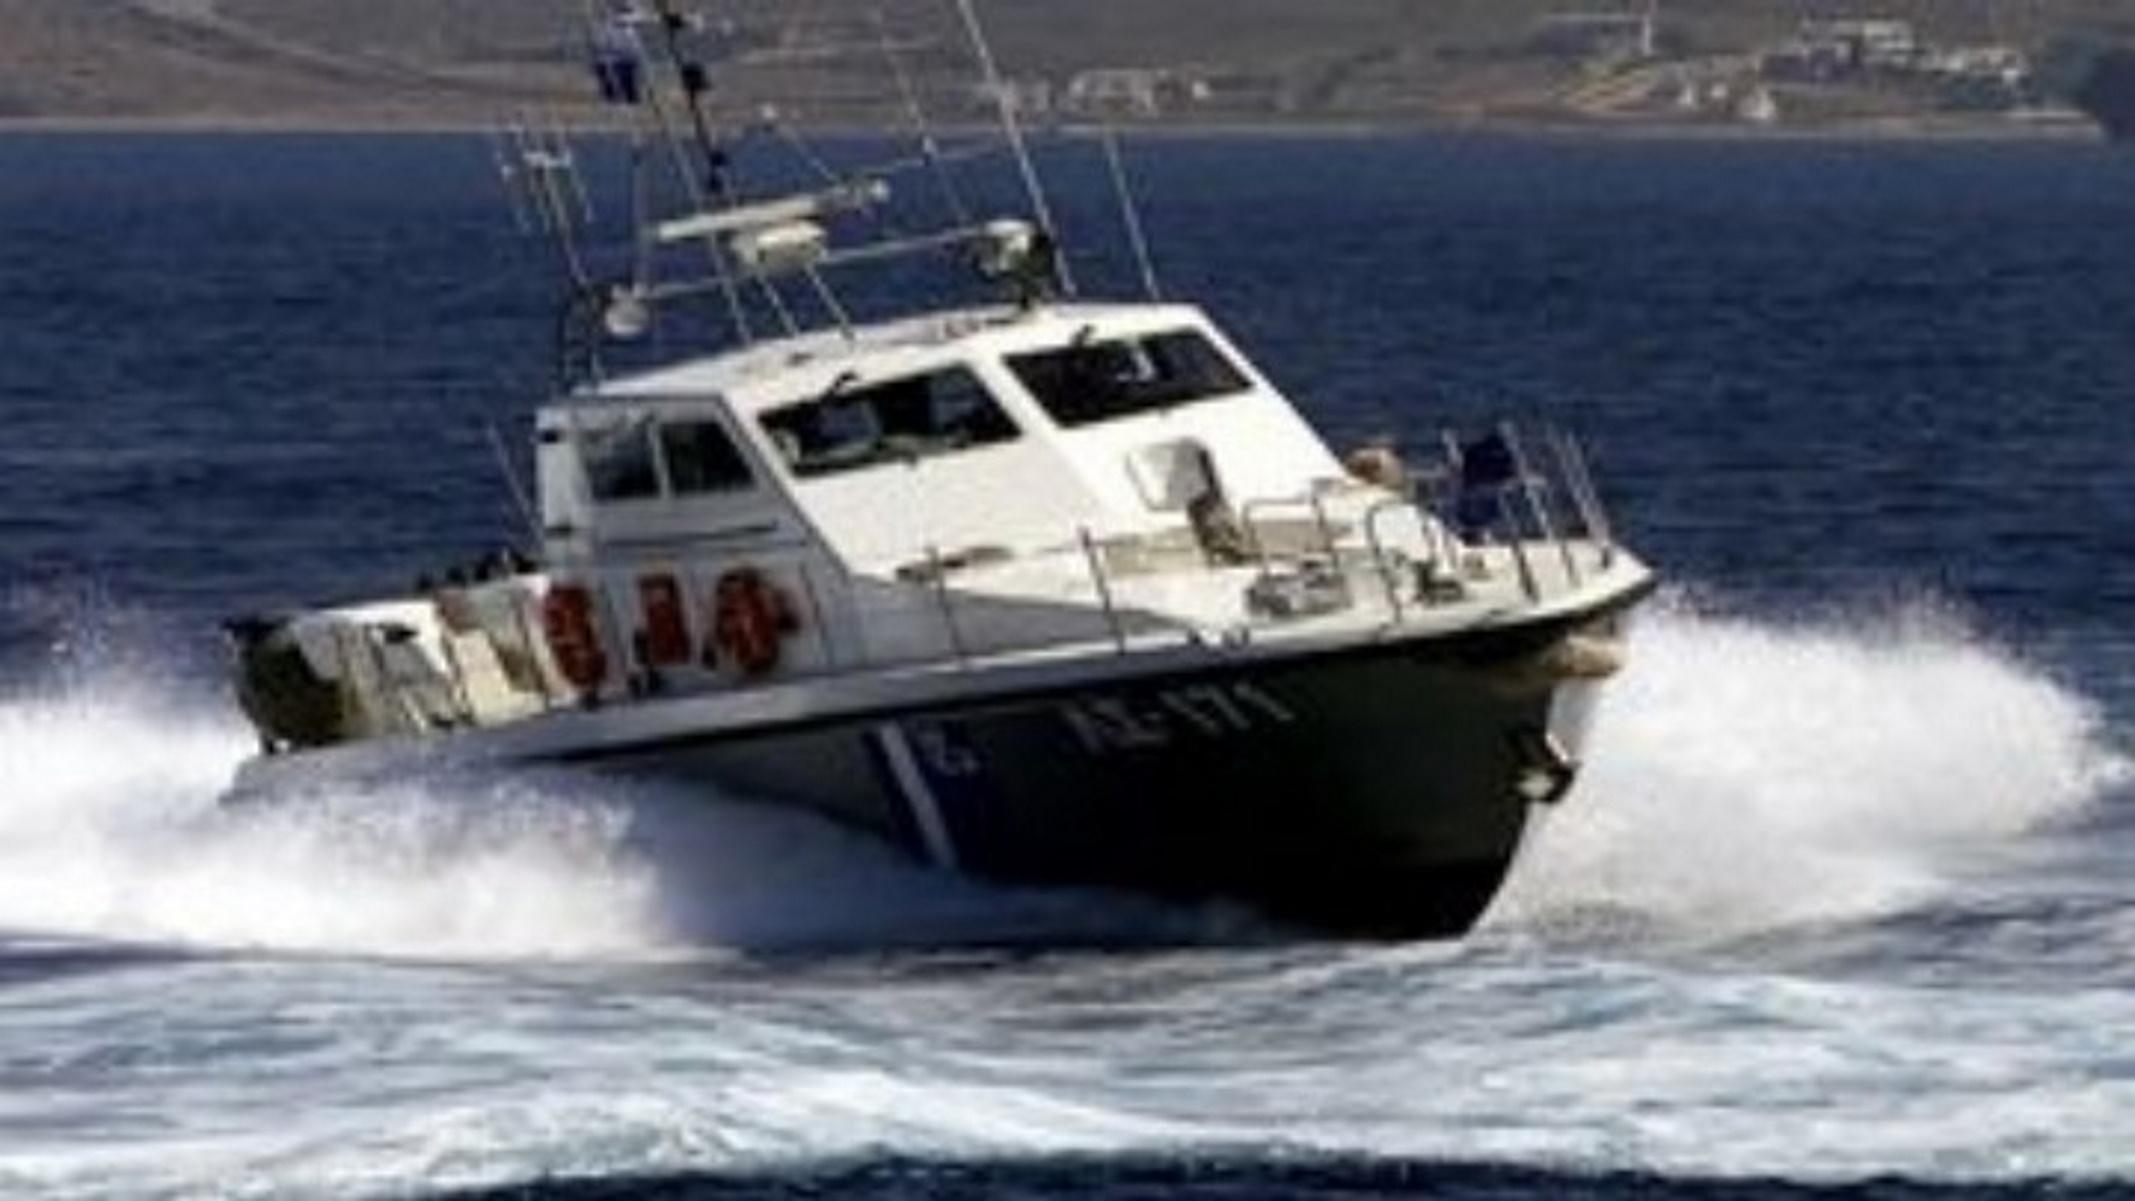 Περιφέρεια Αττικής: 500.000 ευρώ στο λιμενικό για αγορά σκάφους διακομιδής  ασθενών με κορονοϊό